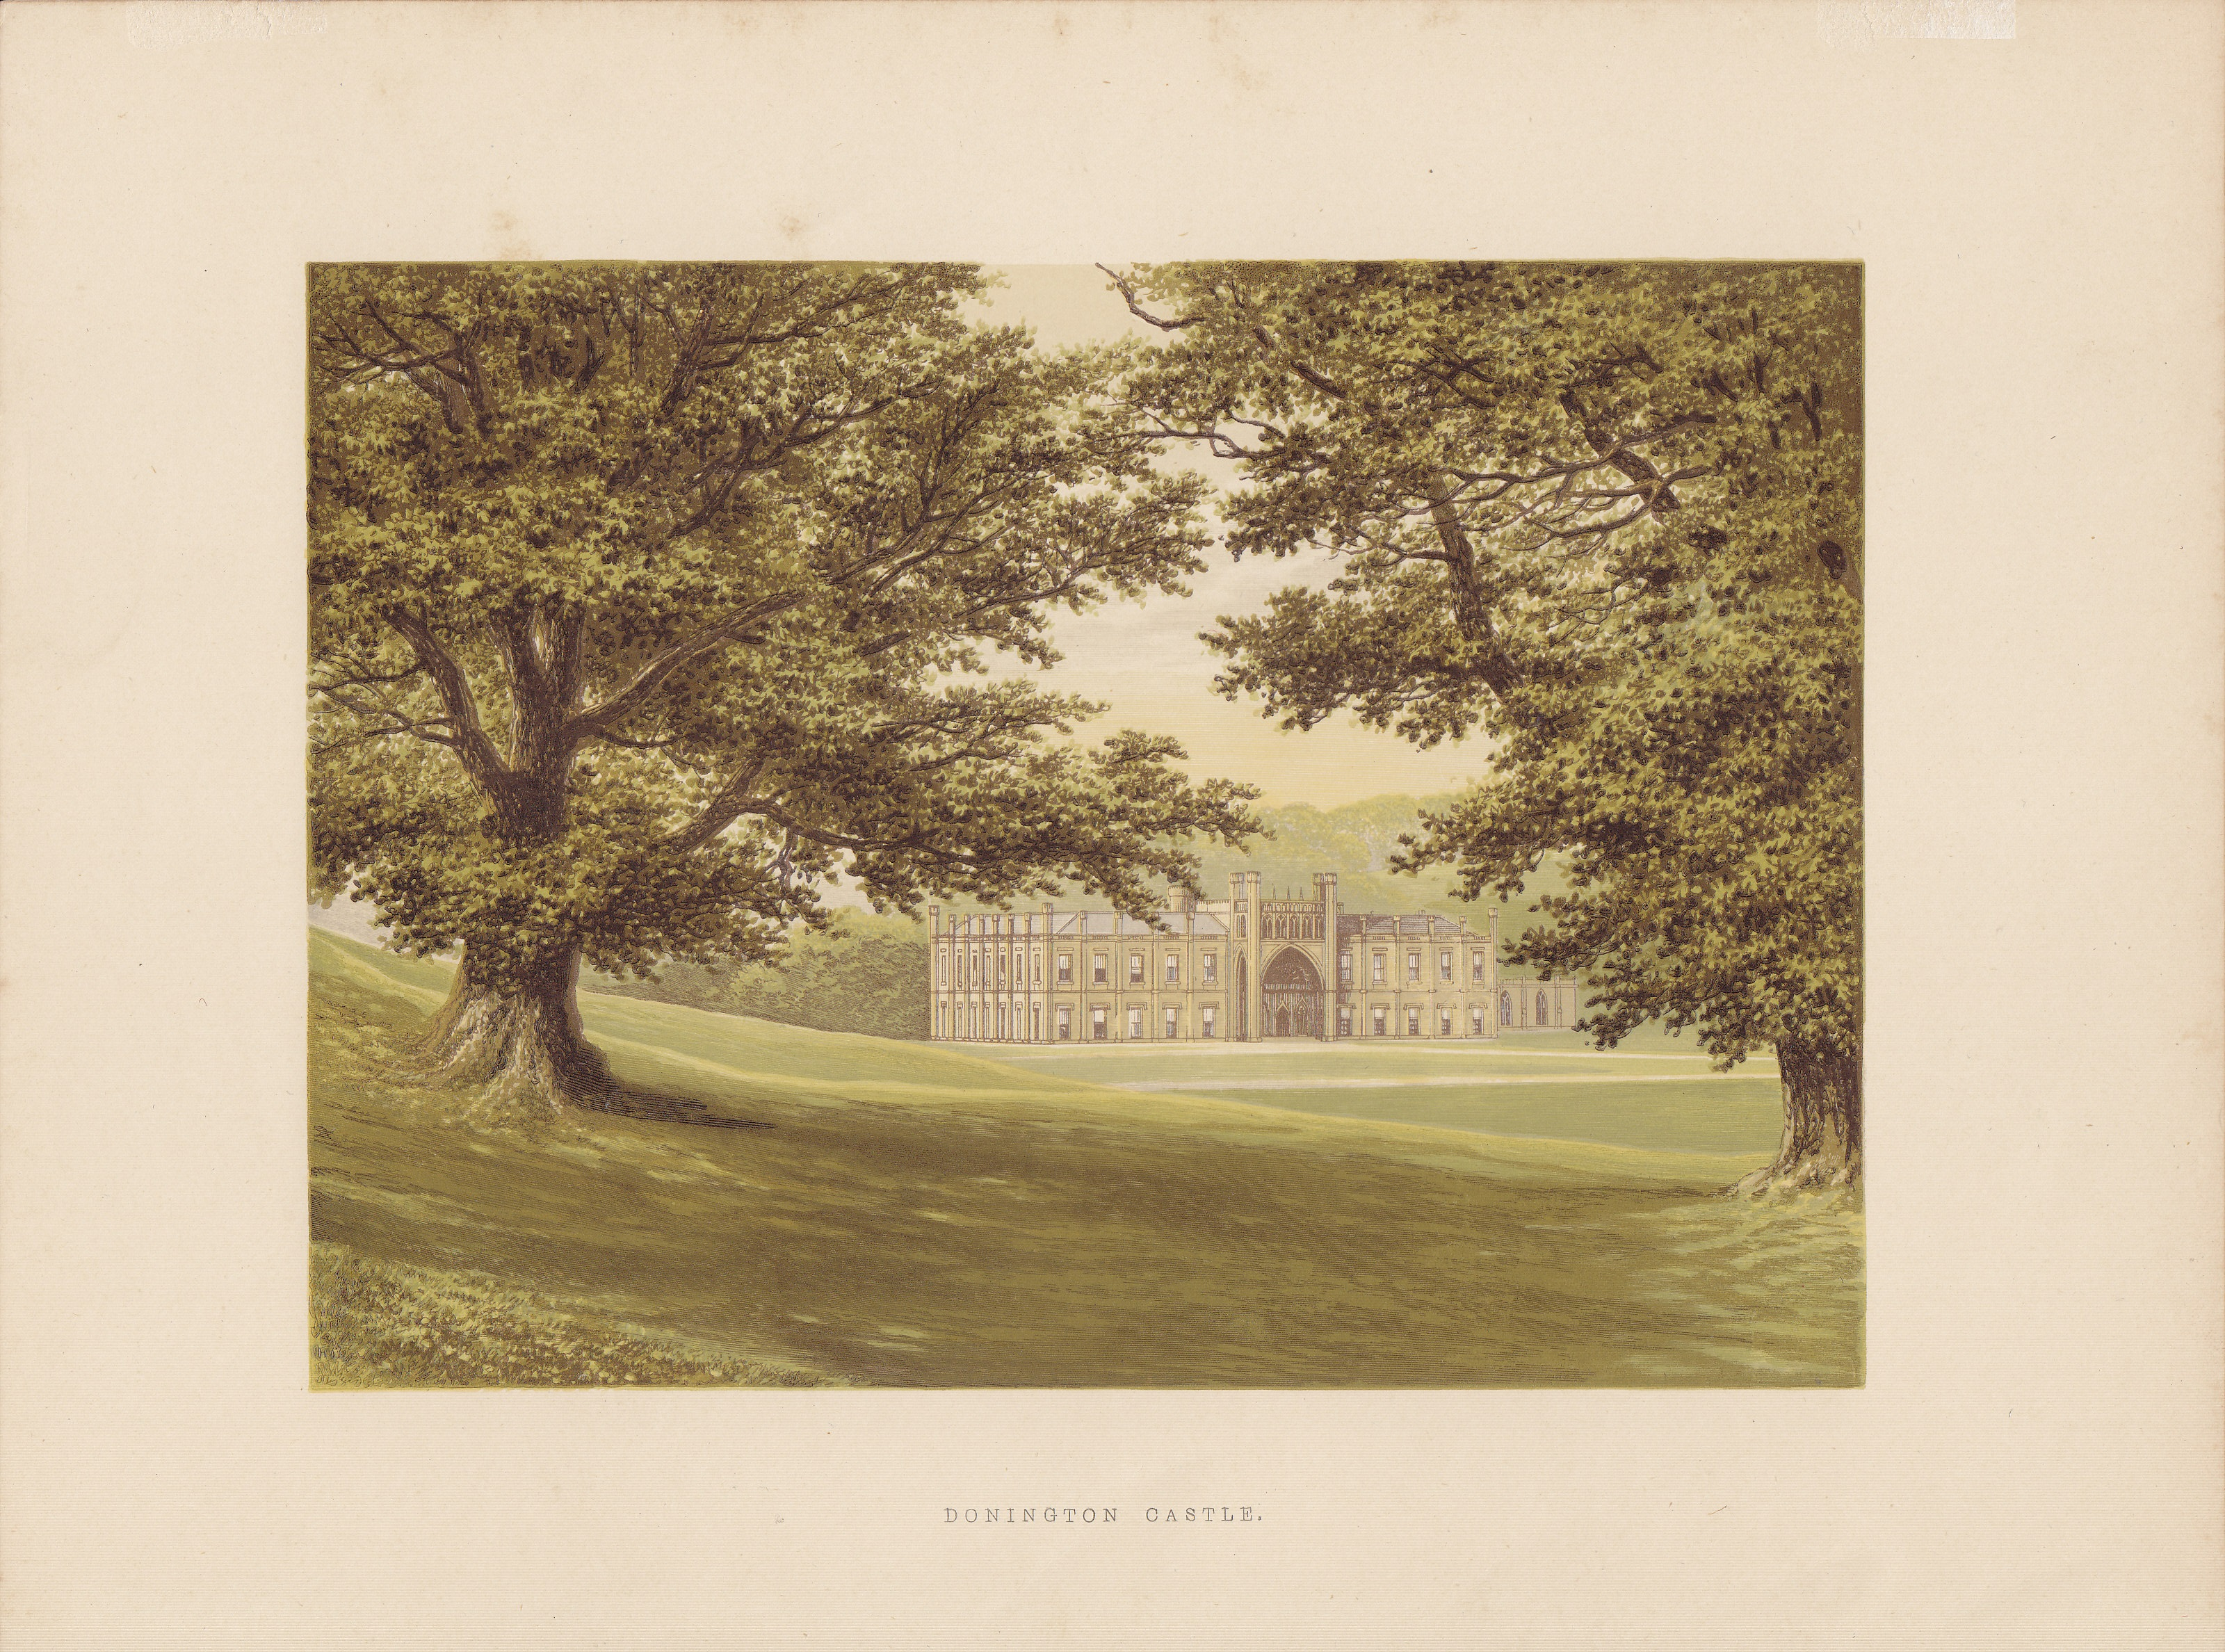 Donington Castle